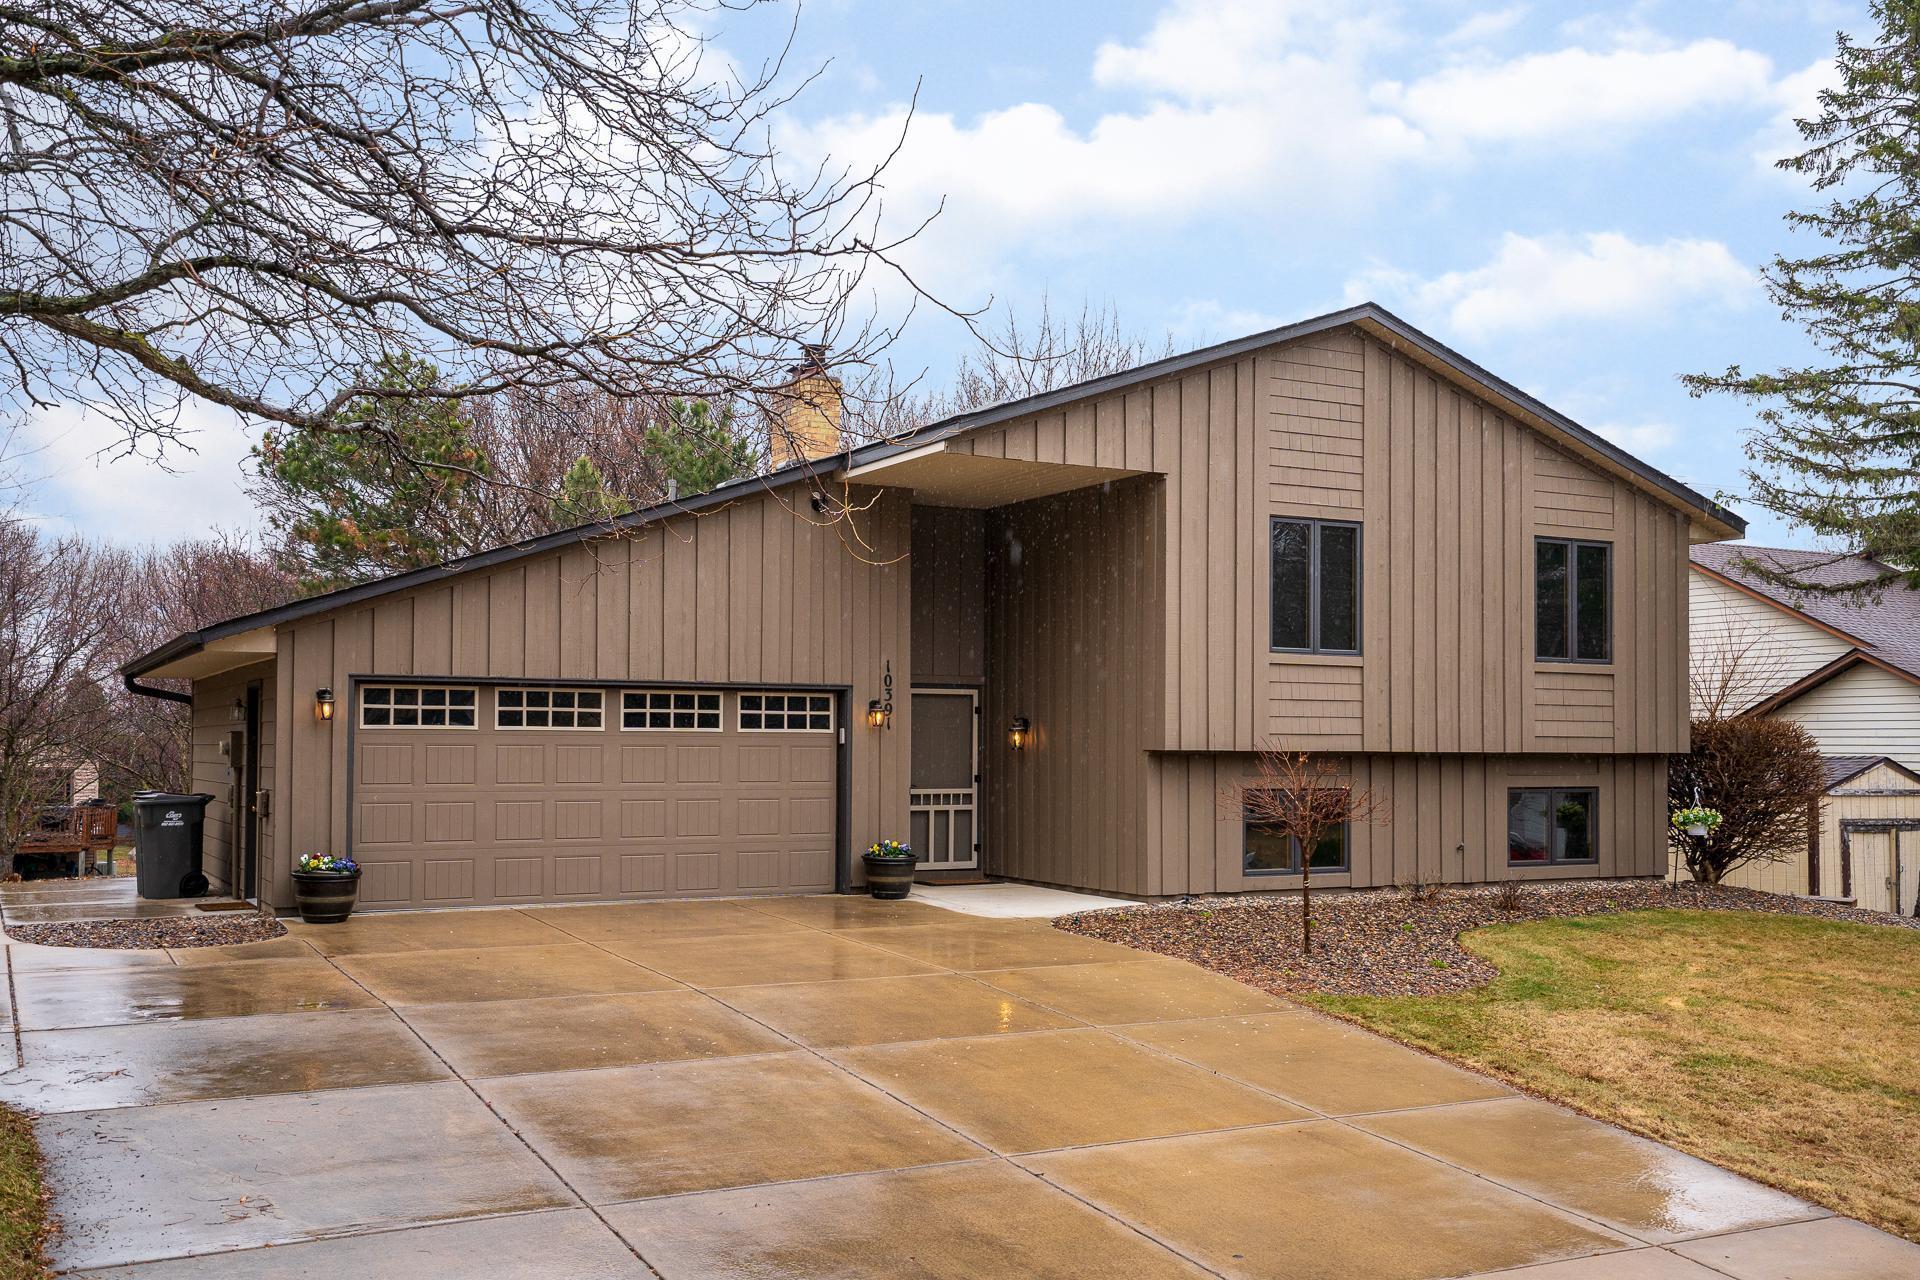 10391 Greyfield Court, Eden Prairie MN 55347 - Photo 1